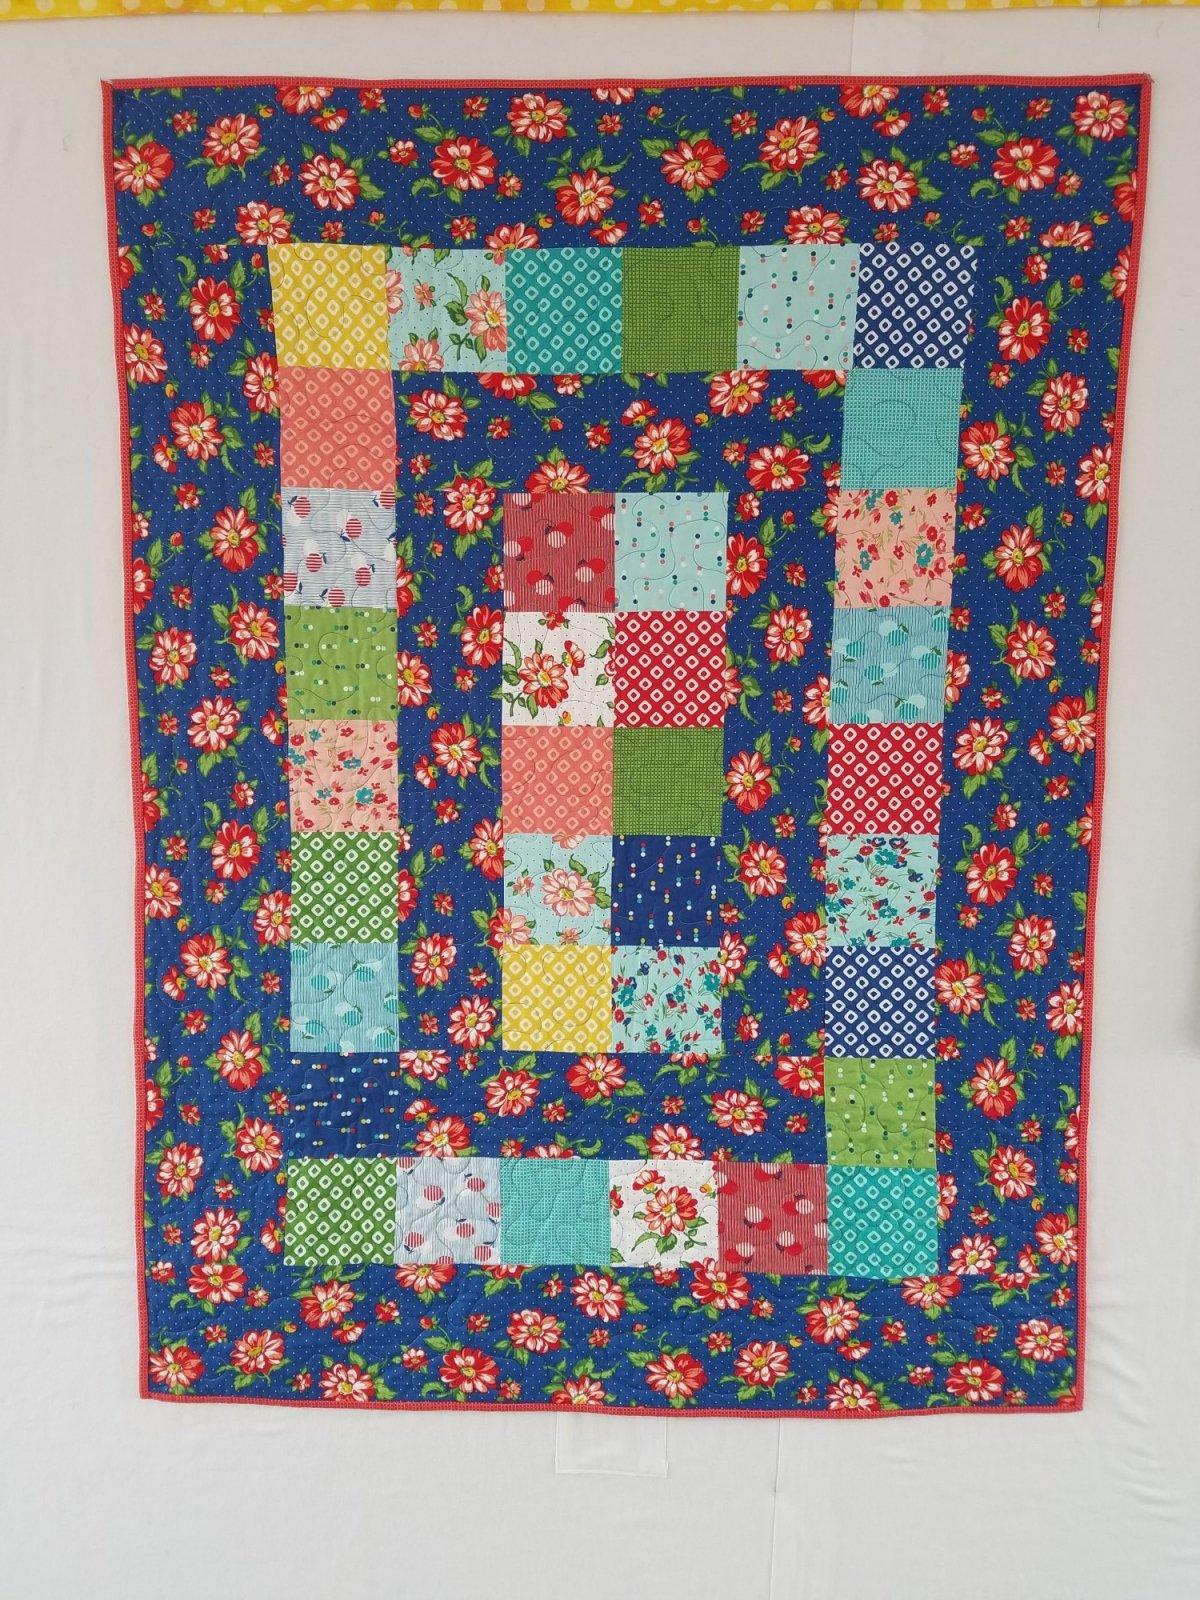 Daybreak Floral Quilt 39x52